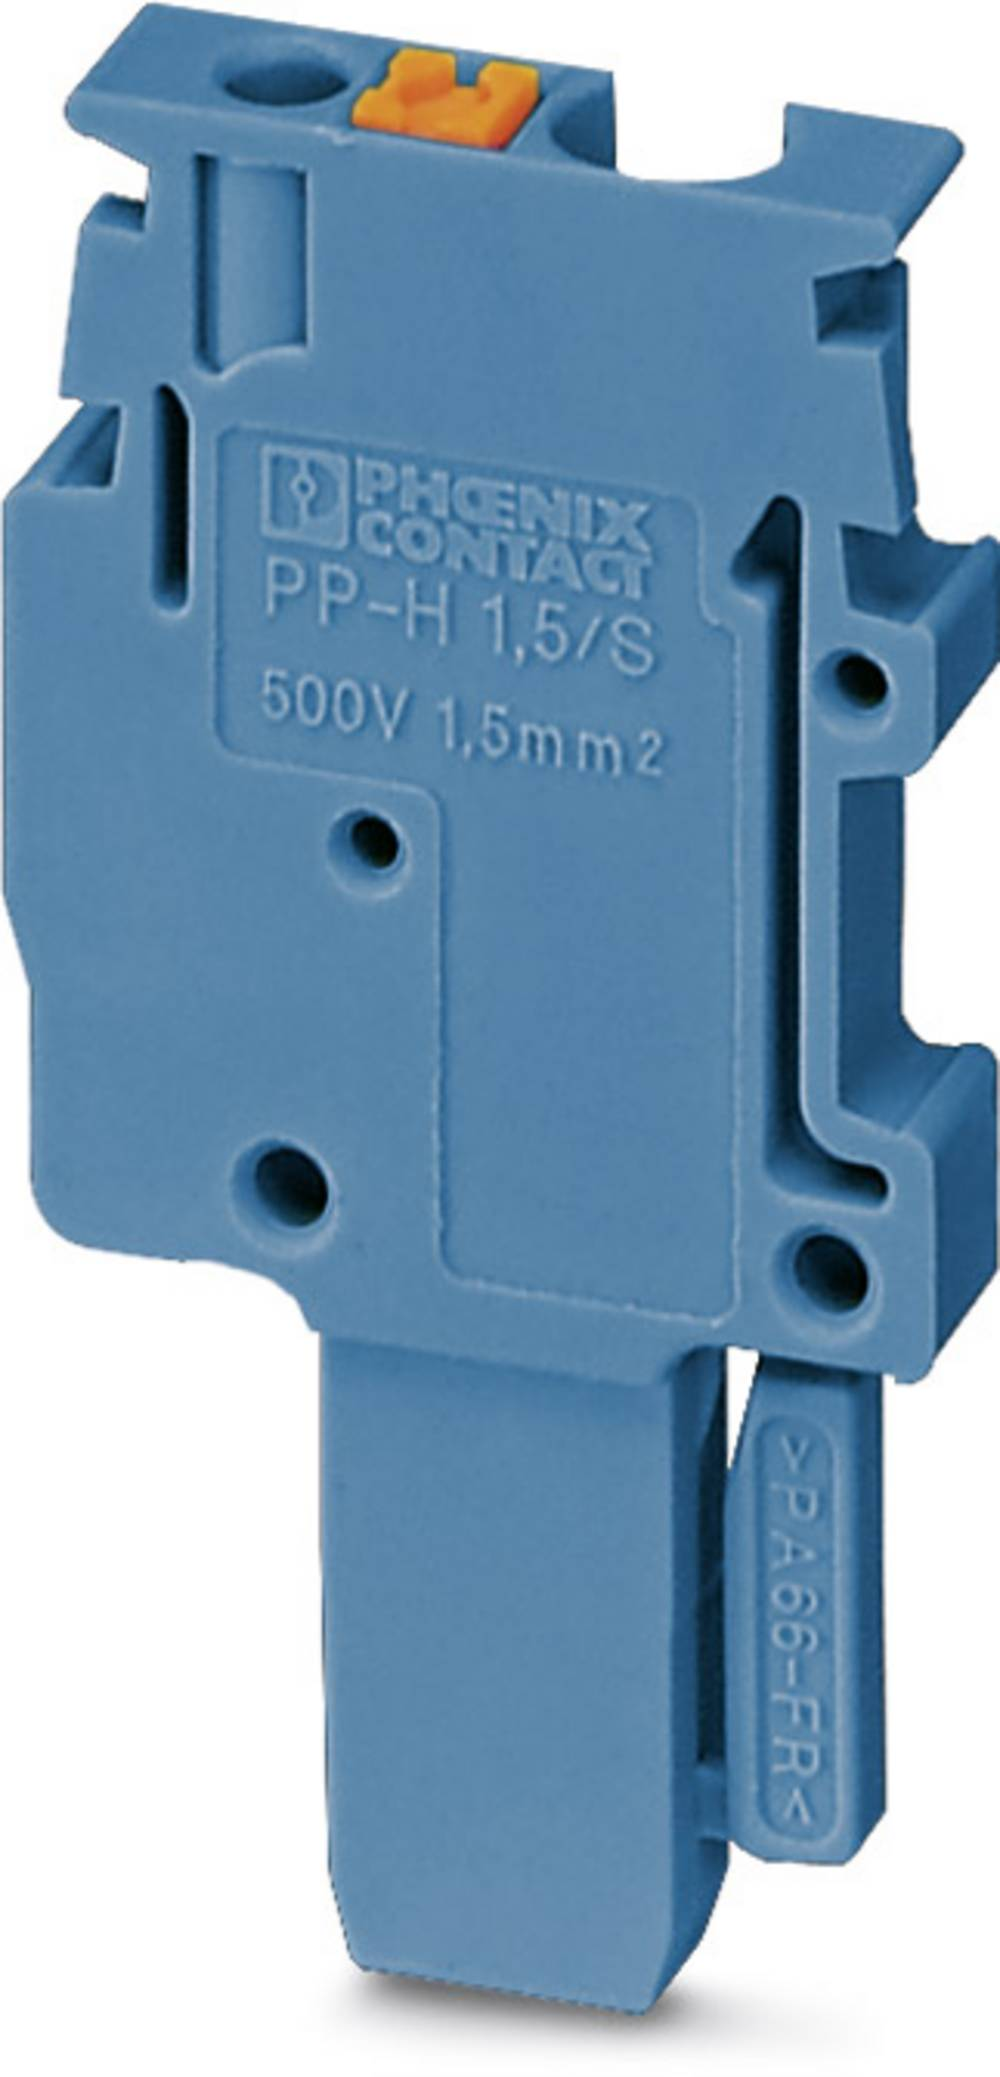 PP-H 1,5 / S / 1-M BU - stik Phoenix Contact PP-H 1,5/S/1-M BU Blå 50 stk